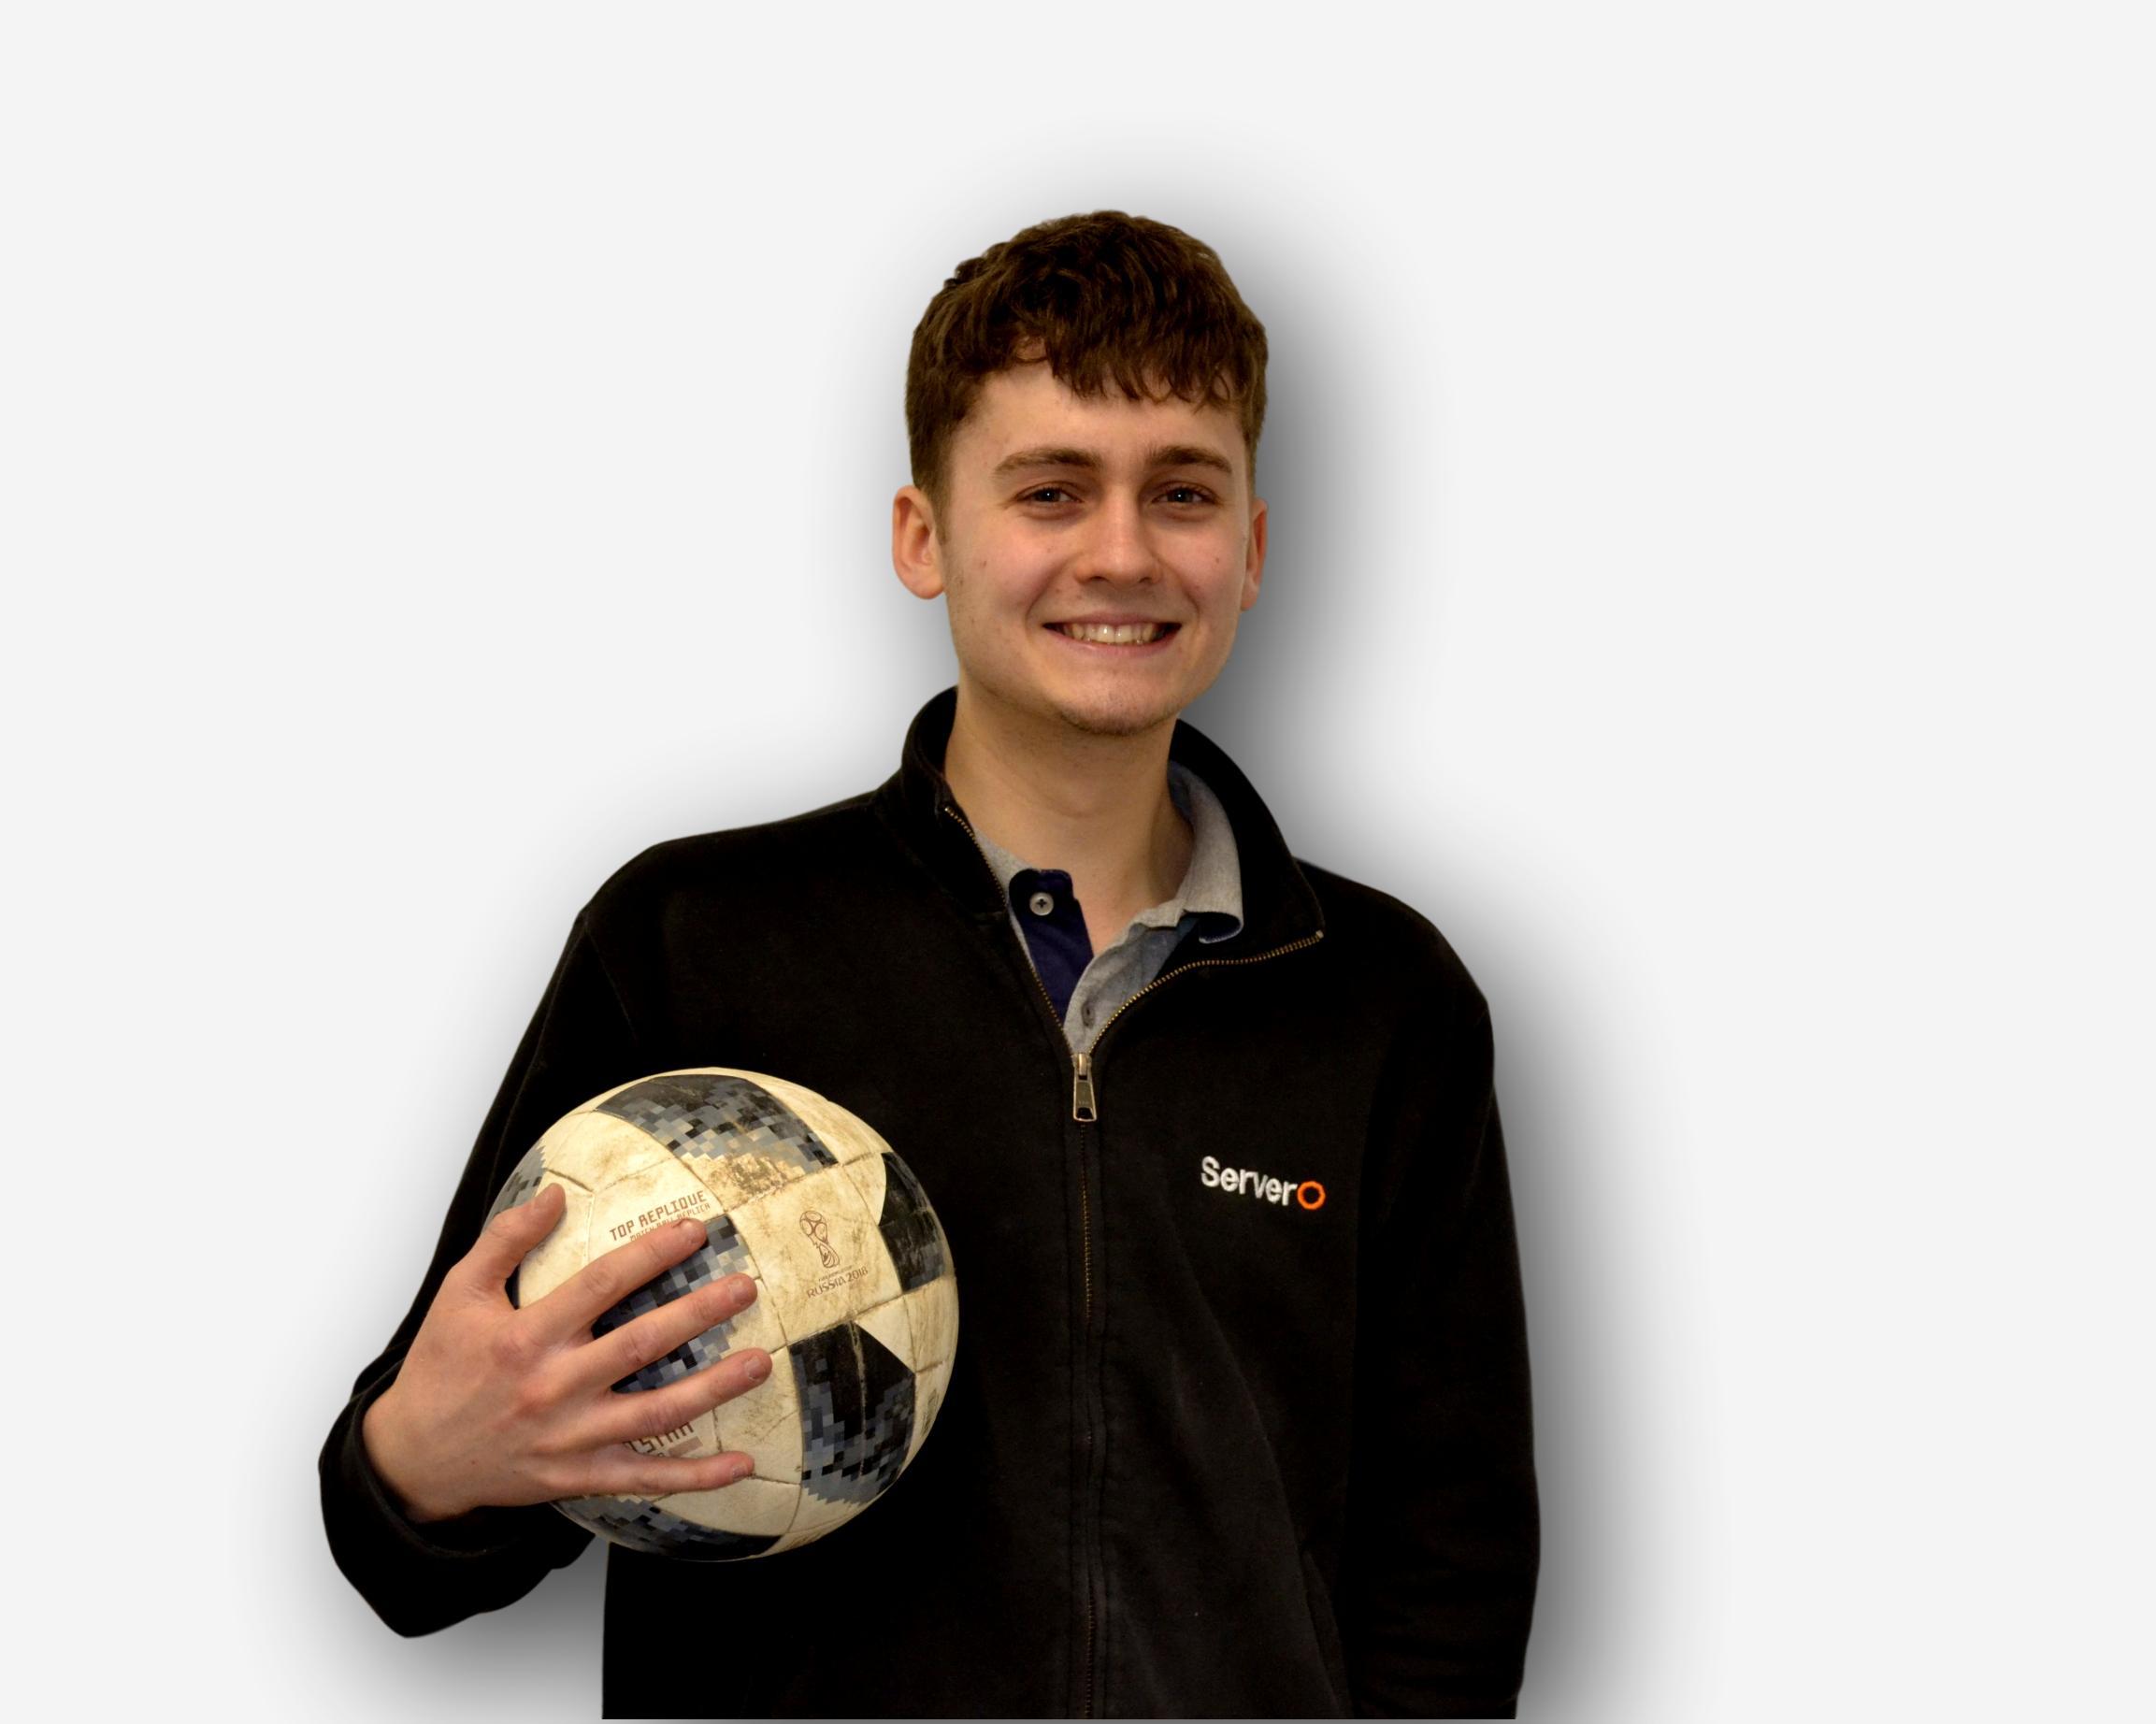 Meet Kyle, Our New Junior Broker Sales Associate!